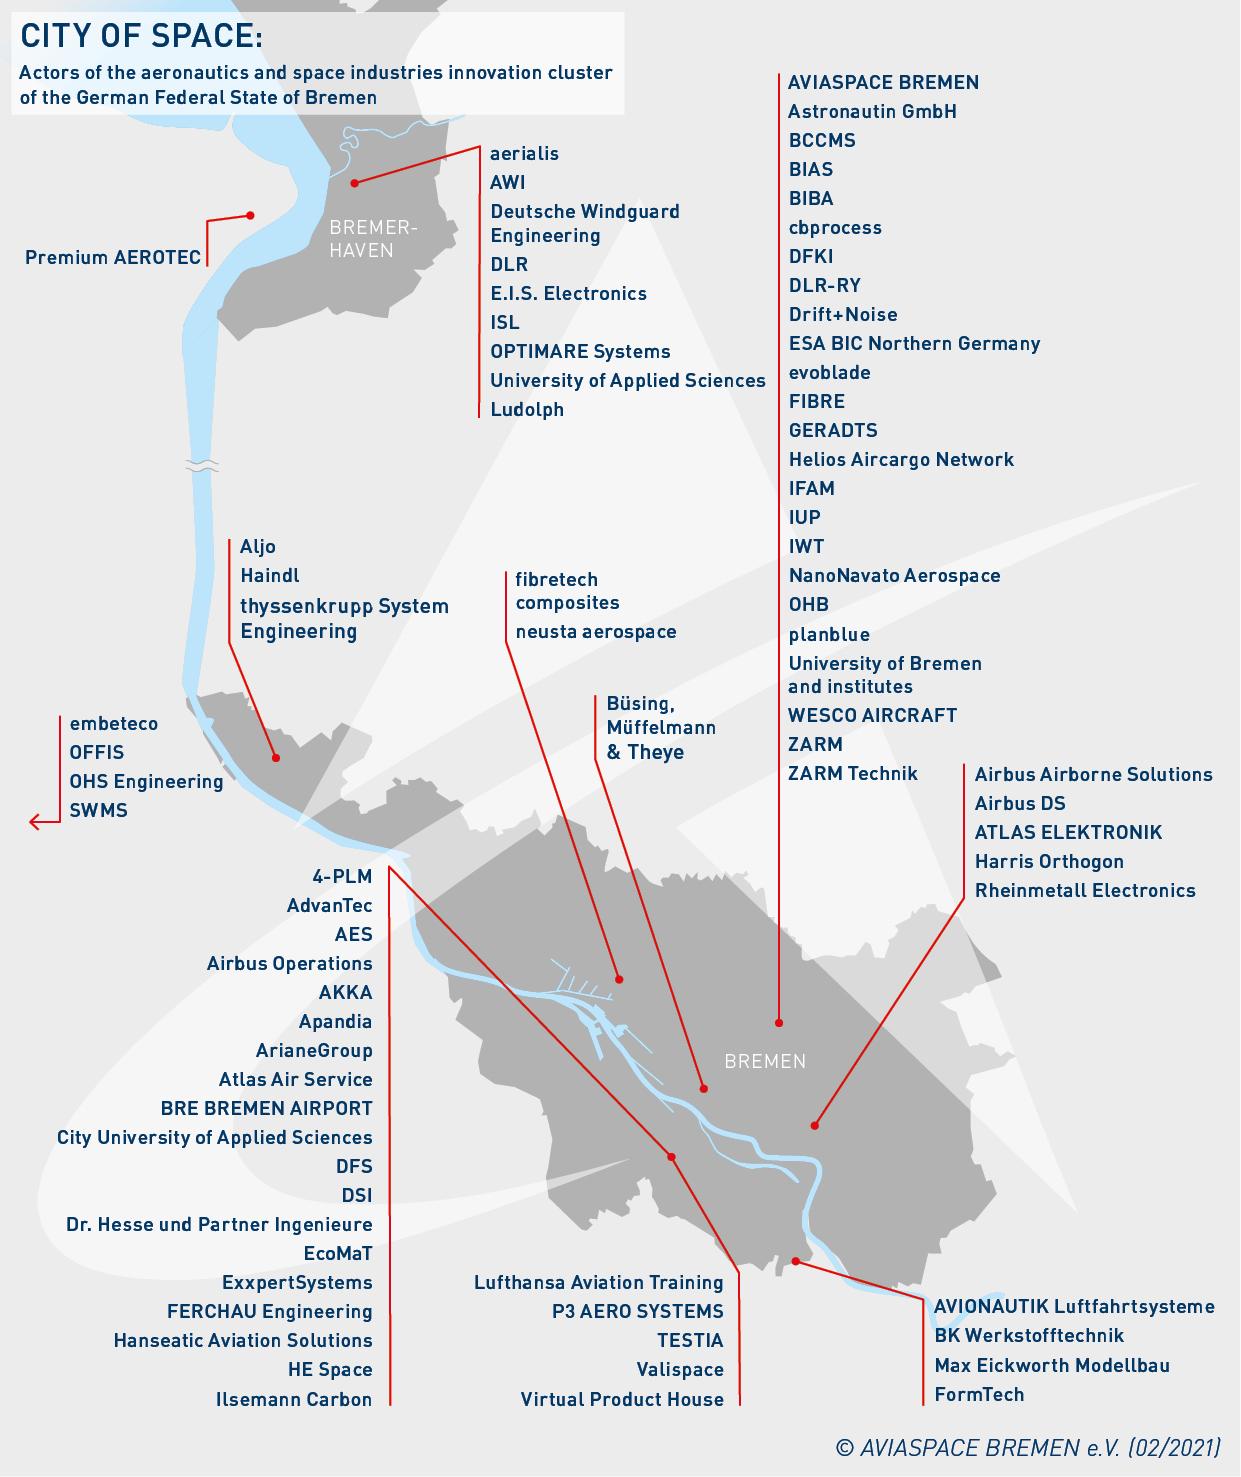 Clusterkarte von Aviaspace Bremen